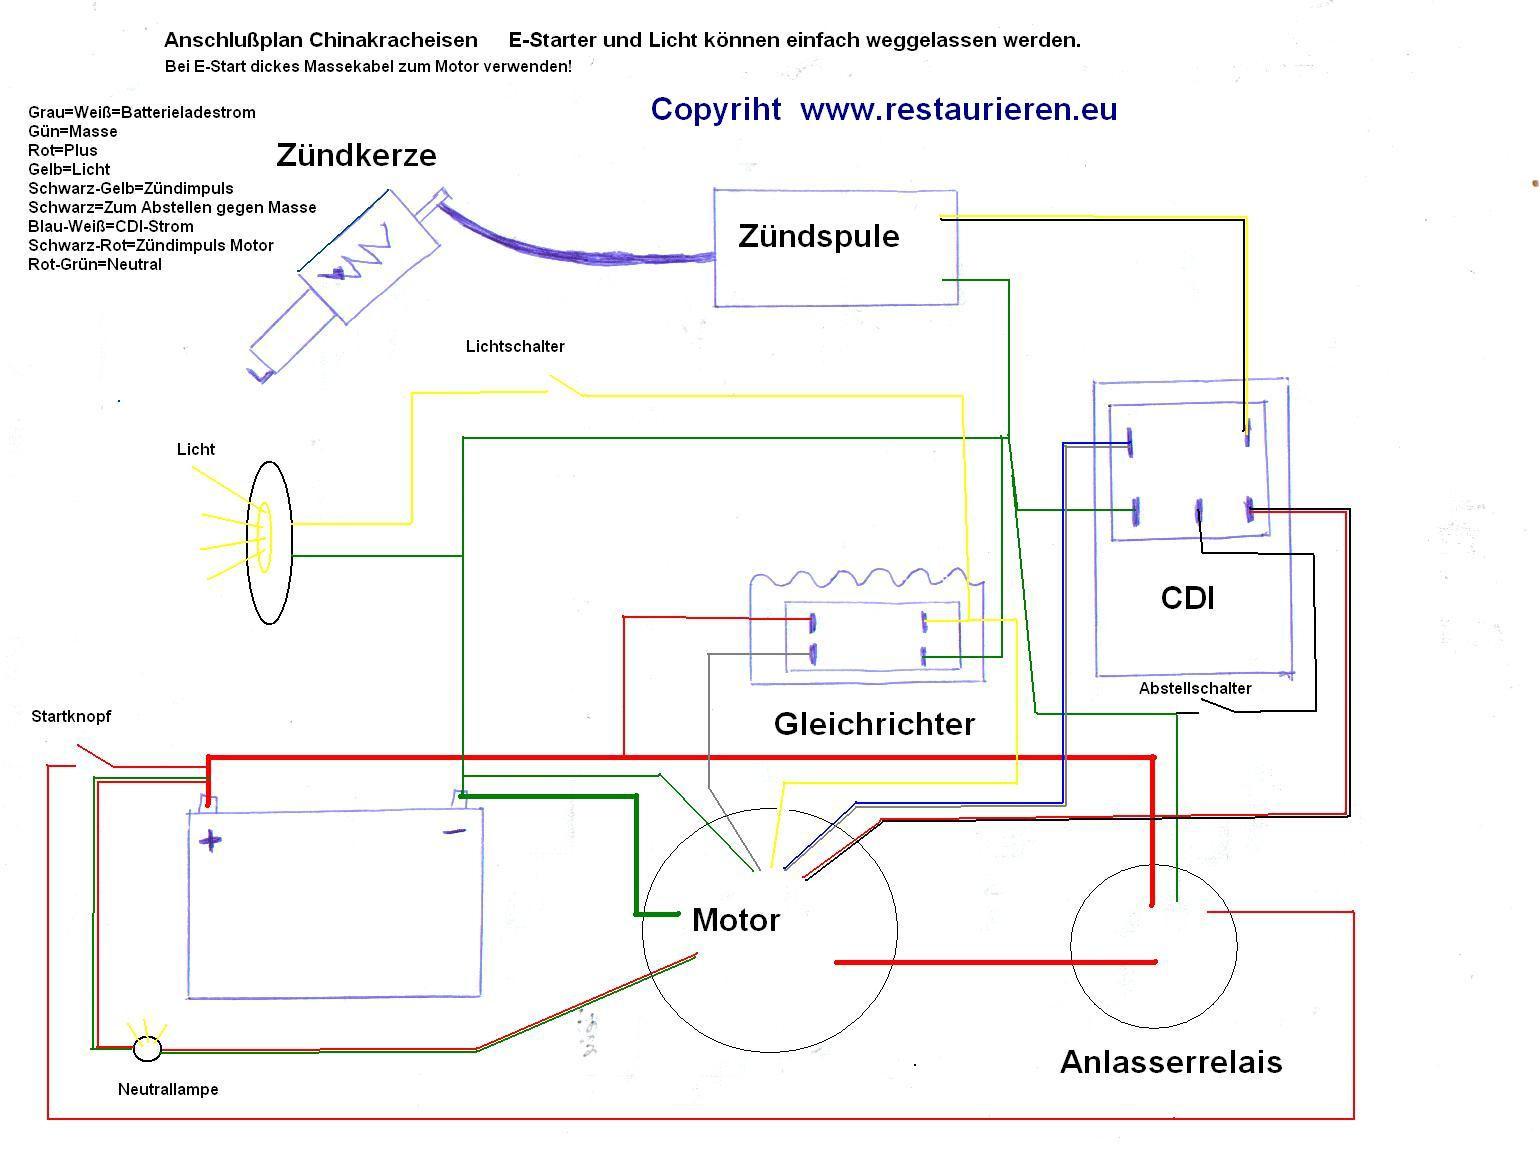 Atemberaubend 1980 Trans Am Schaltplan Zeitgenössisch - Der ...